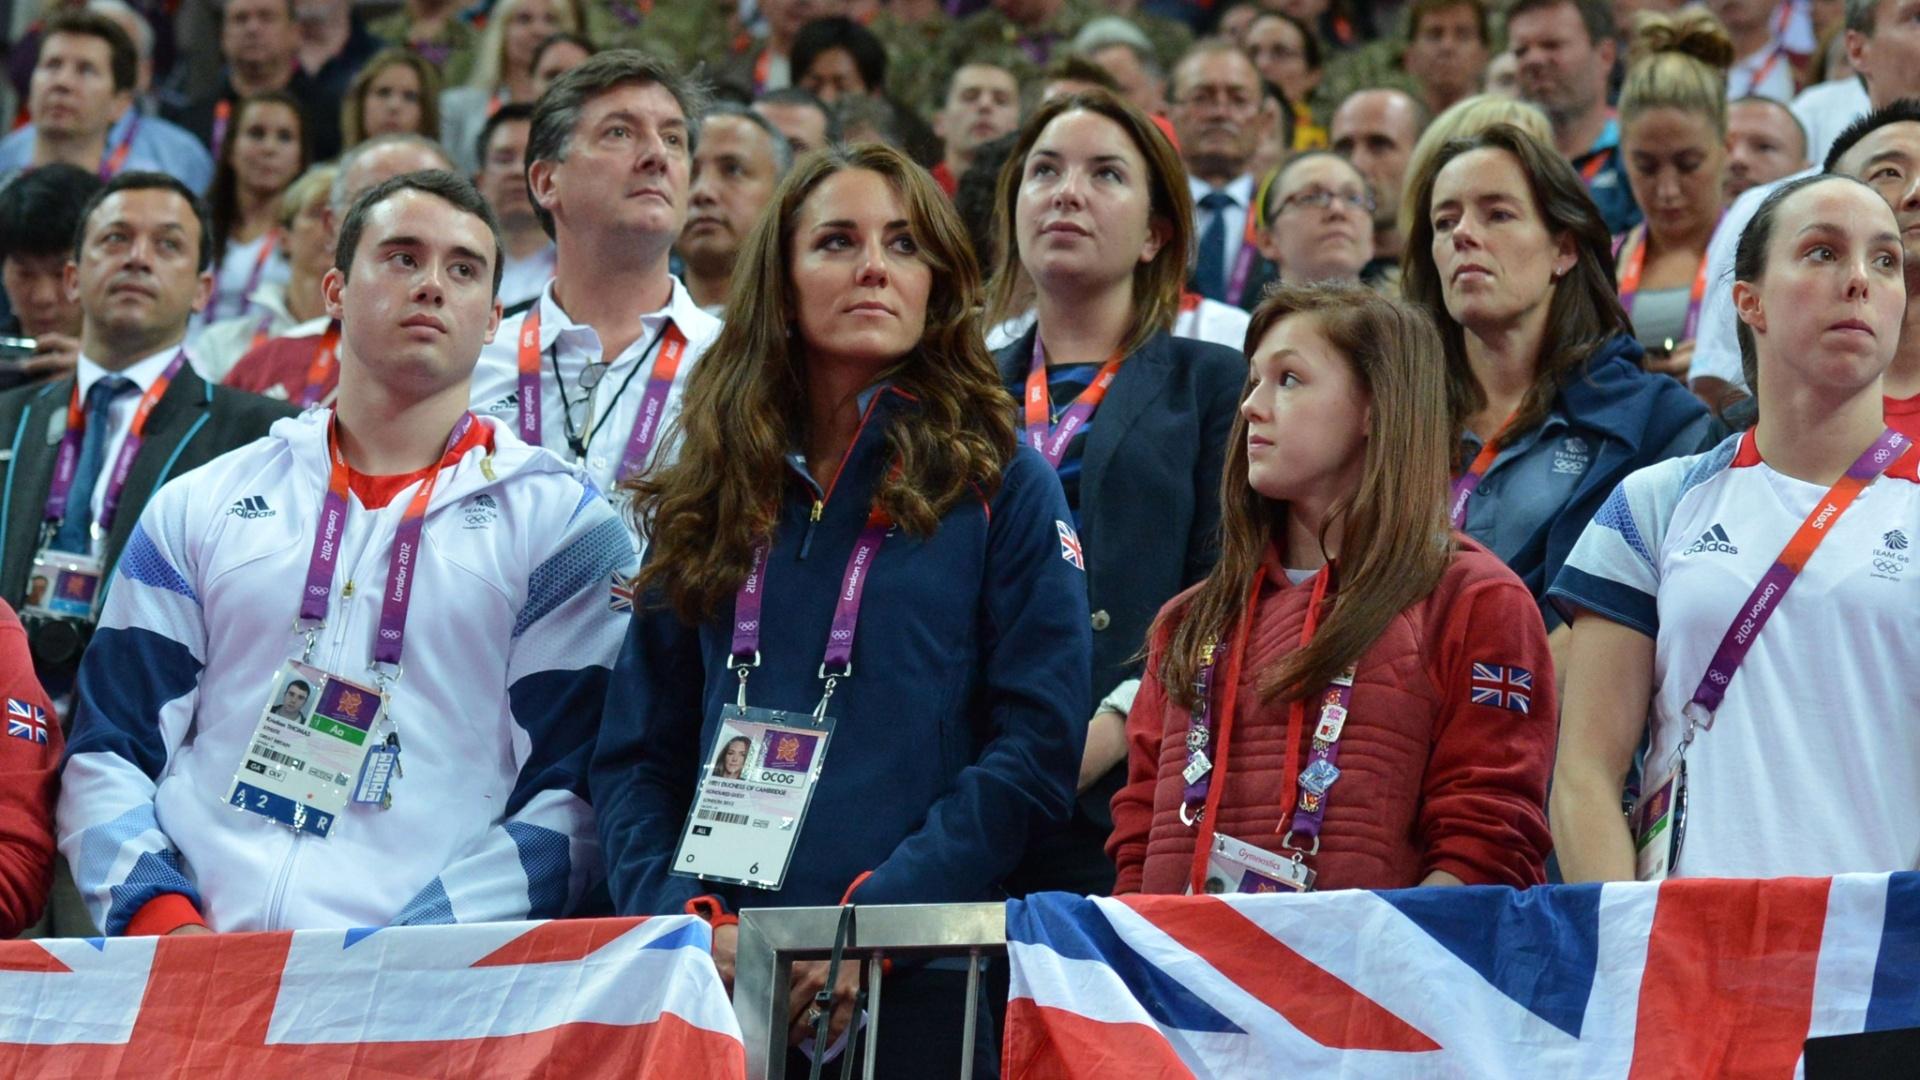 Uniformizada com roupa da delegação do Reino Unido, Kate Middleton, a duquesa de Cambridge, assiste ao primeiro dia de finais por aparelhos da ginástica artística na Arena Greenwich, em Londres